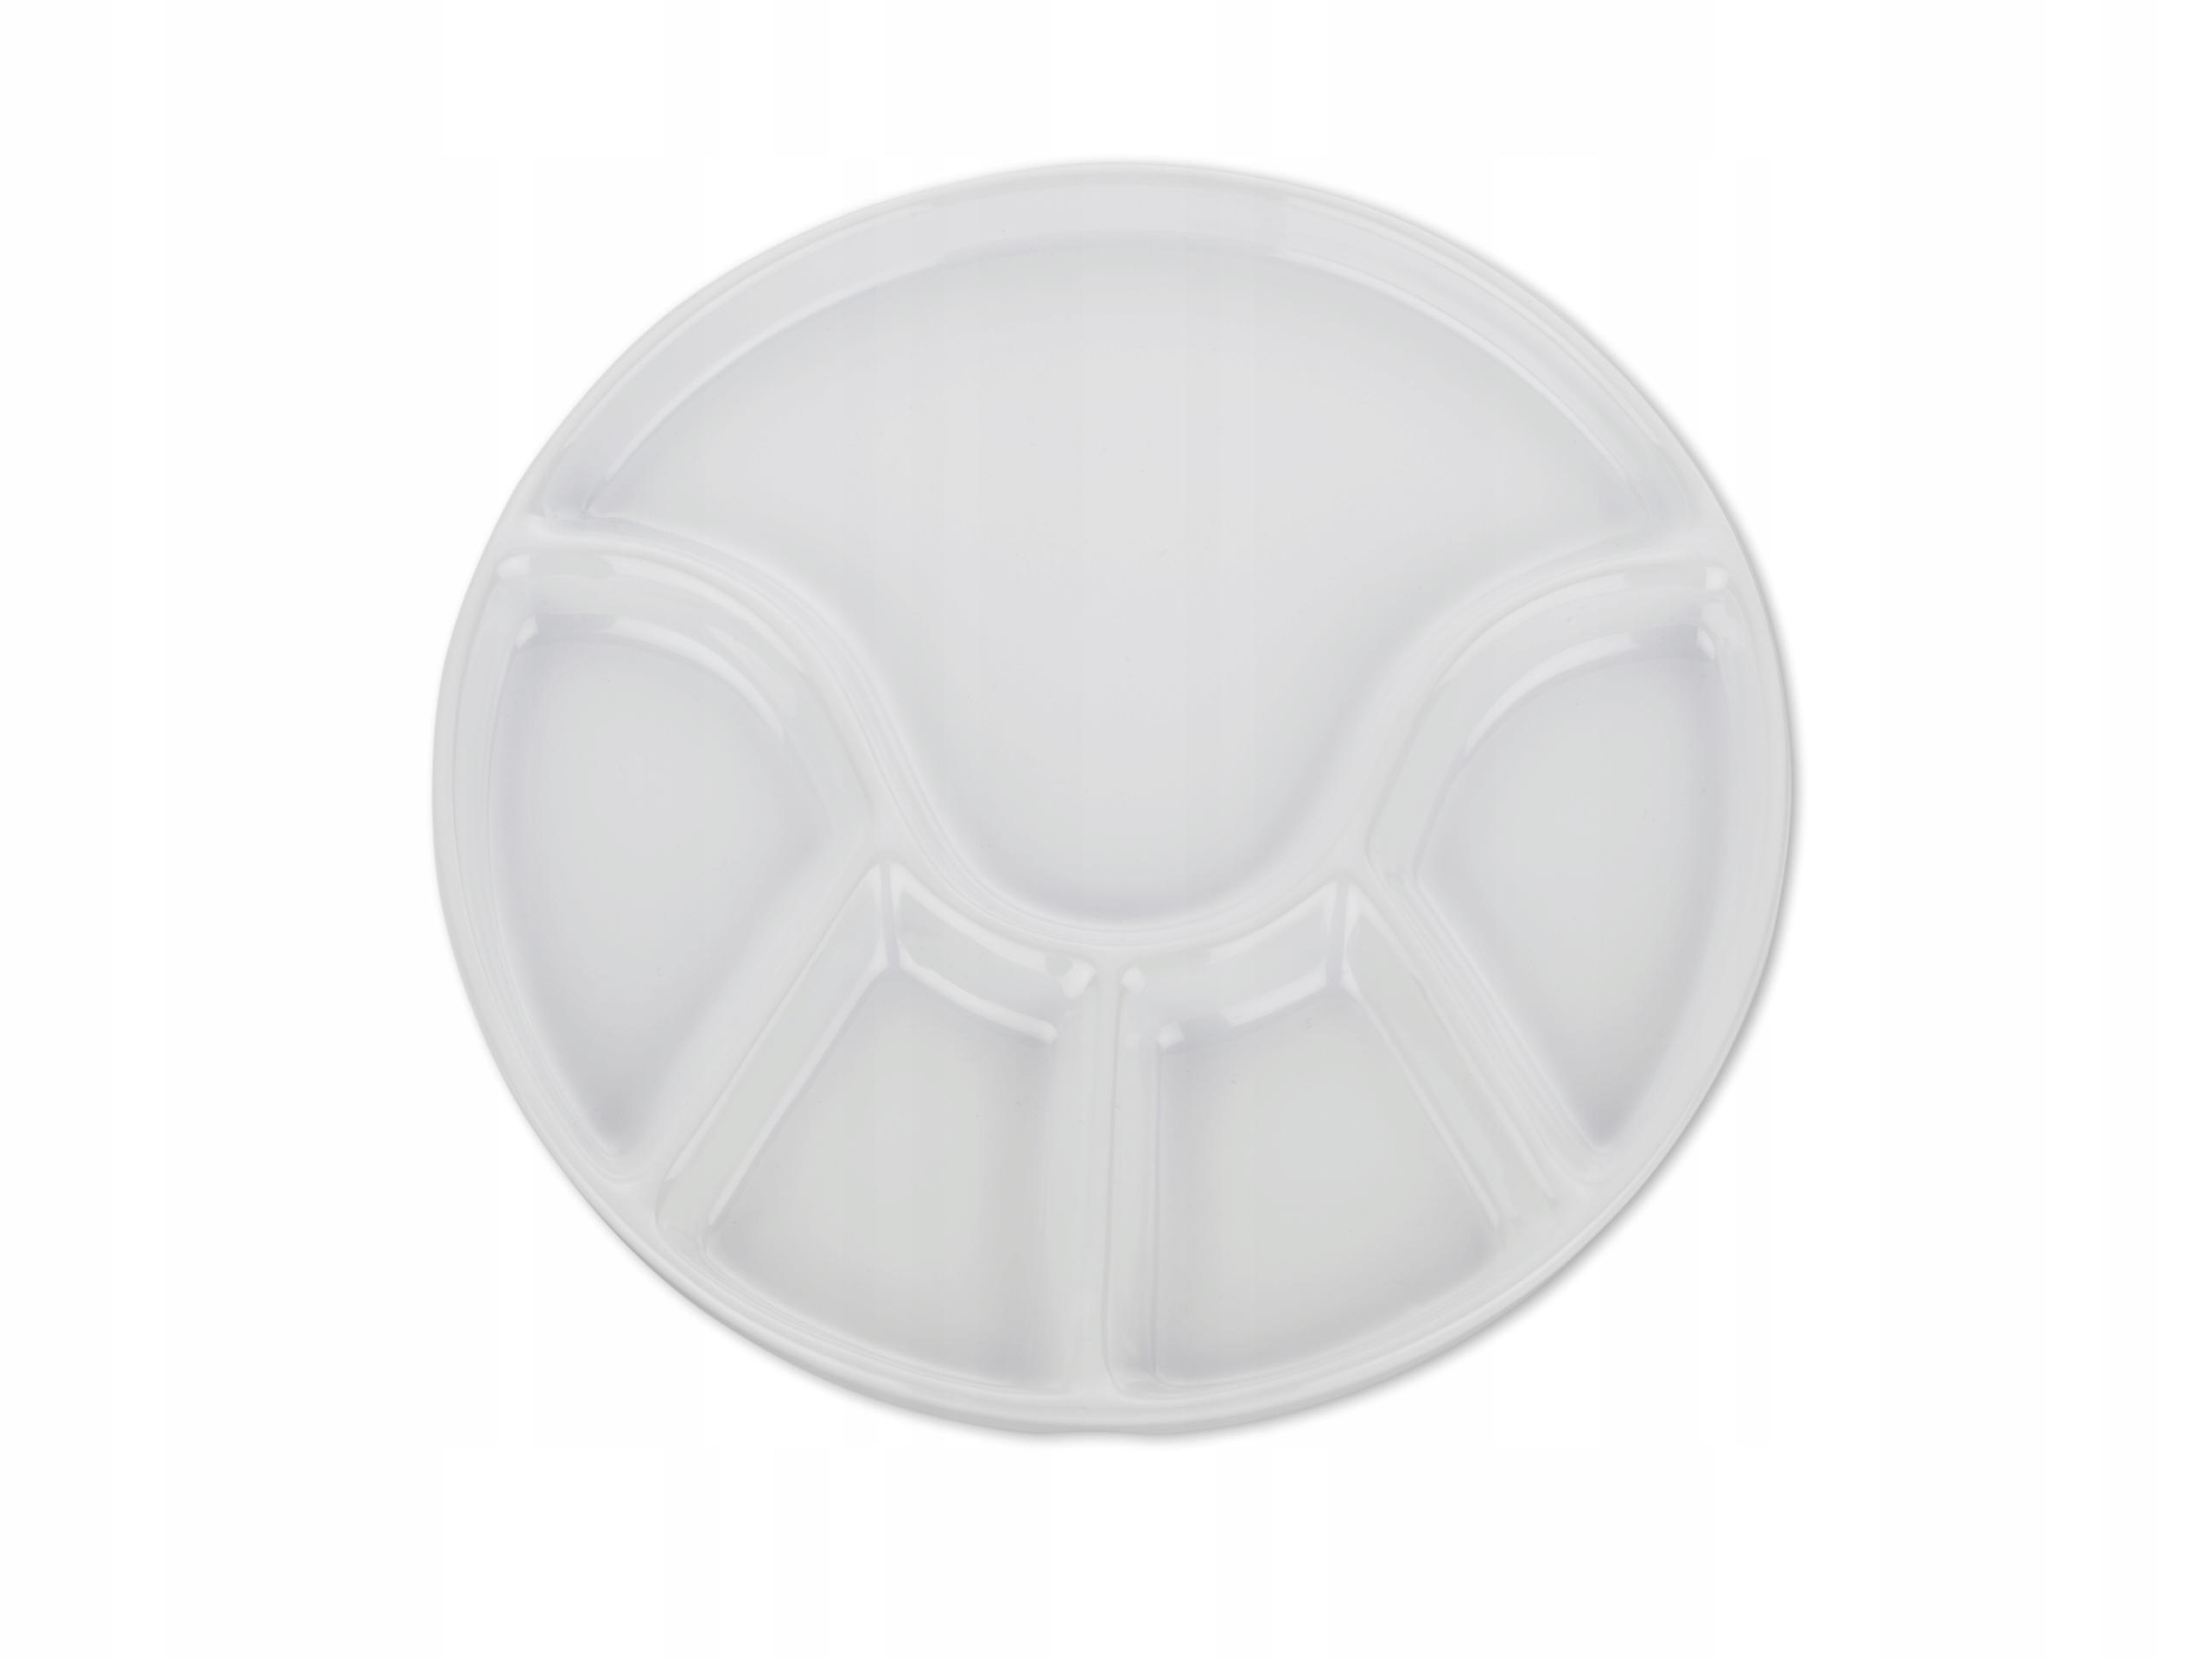 Talerz Kela Anneli do fondue 21,5 cm biały